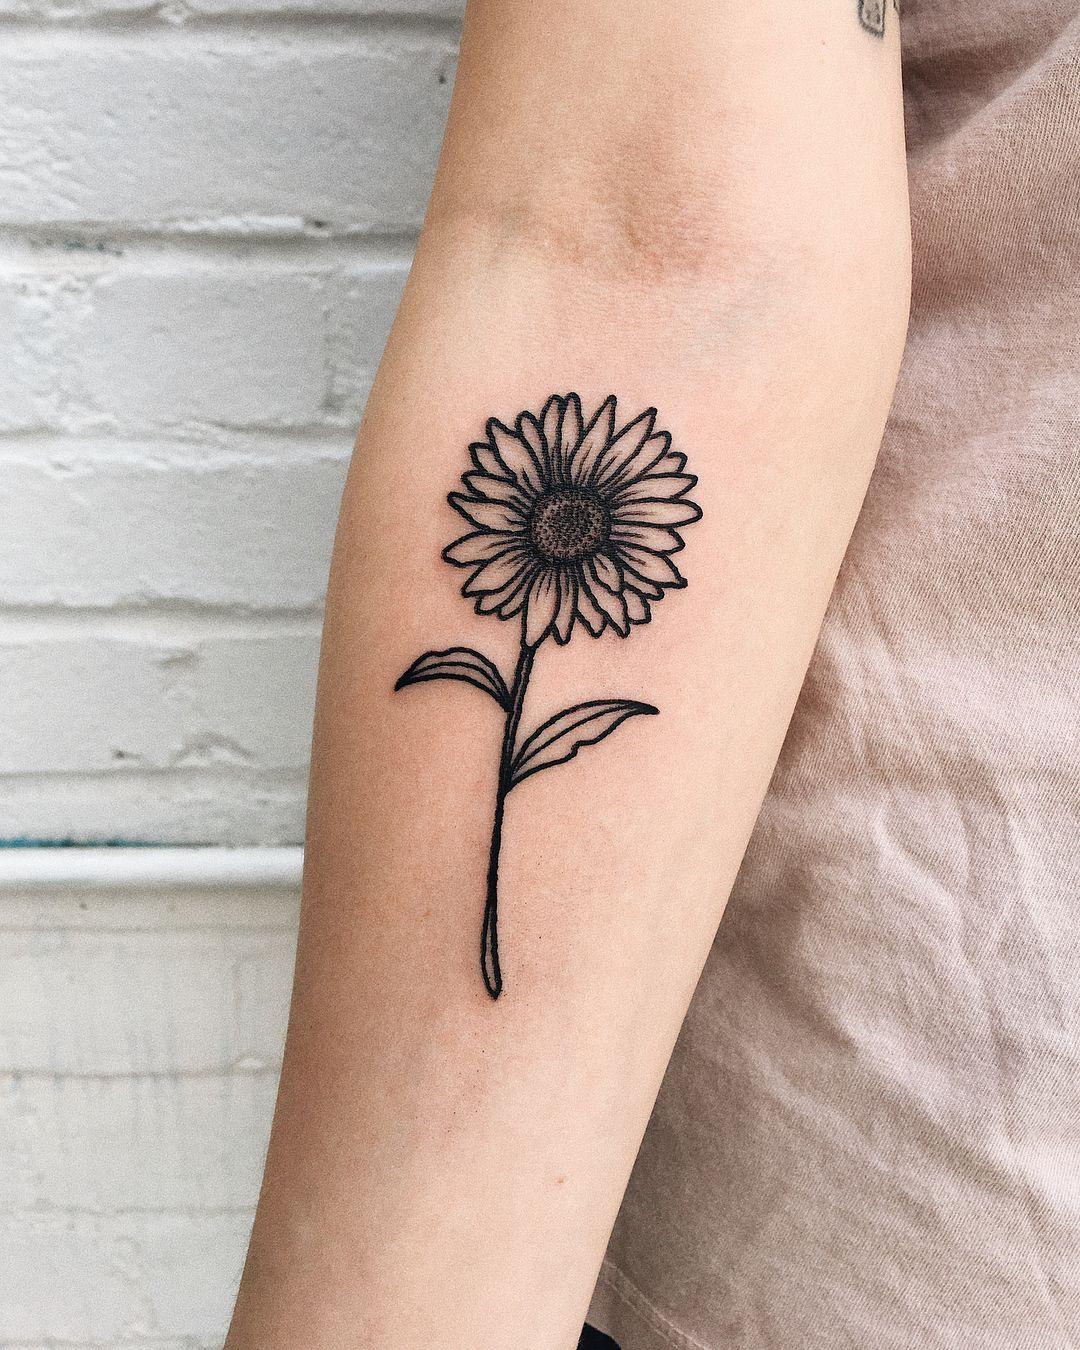 A Little Sunflower For Rayanna Hannahevanstattoo Classy Tattoos Tattoos Sunflower Tattoos